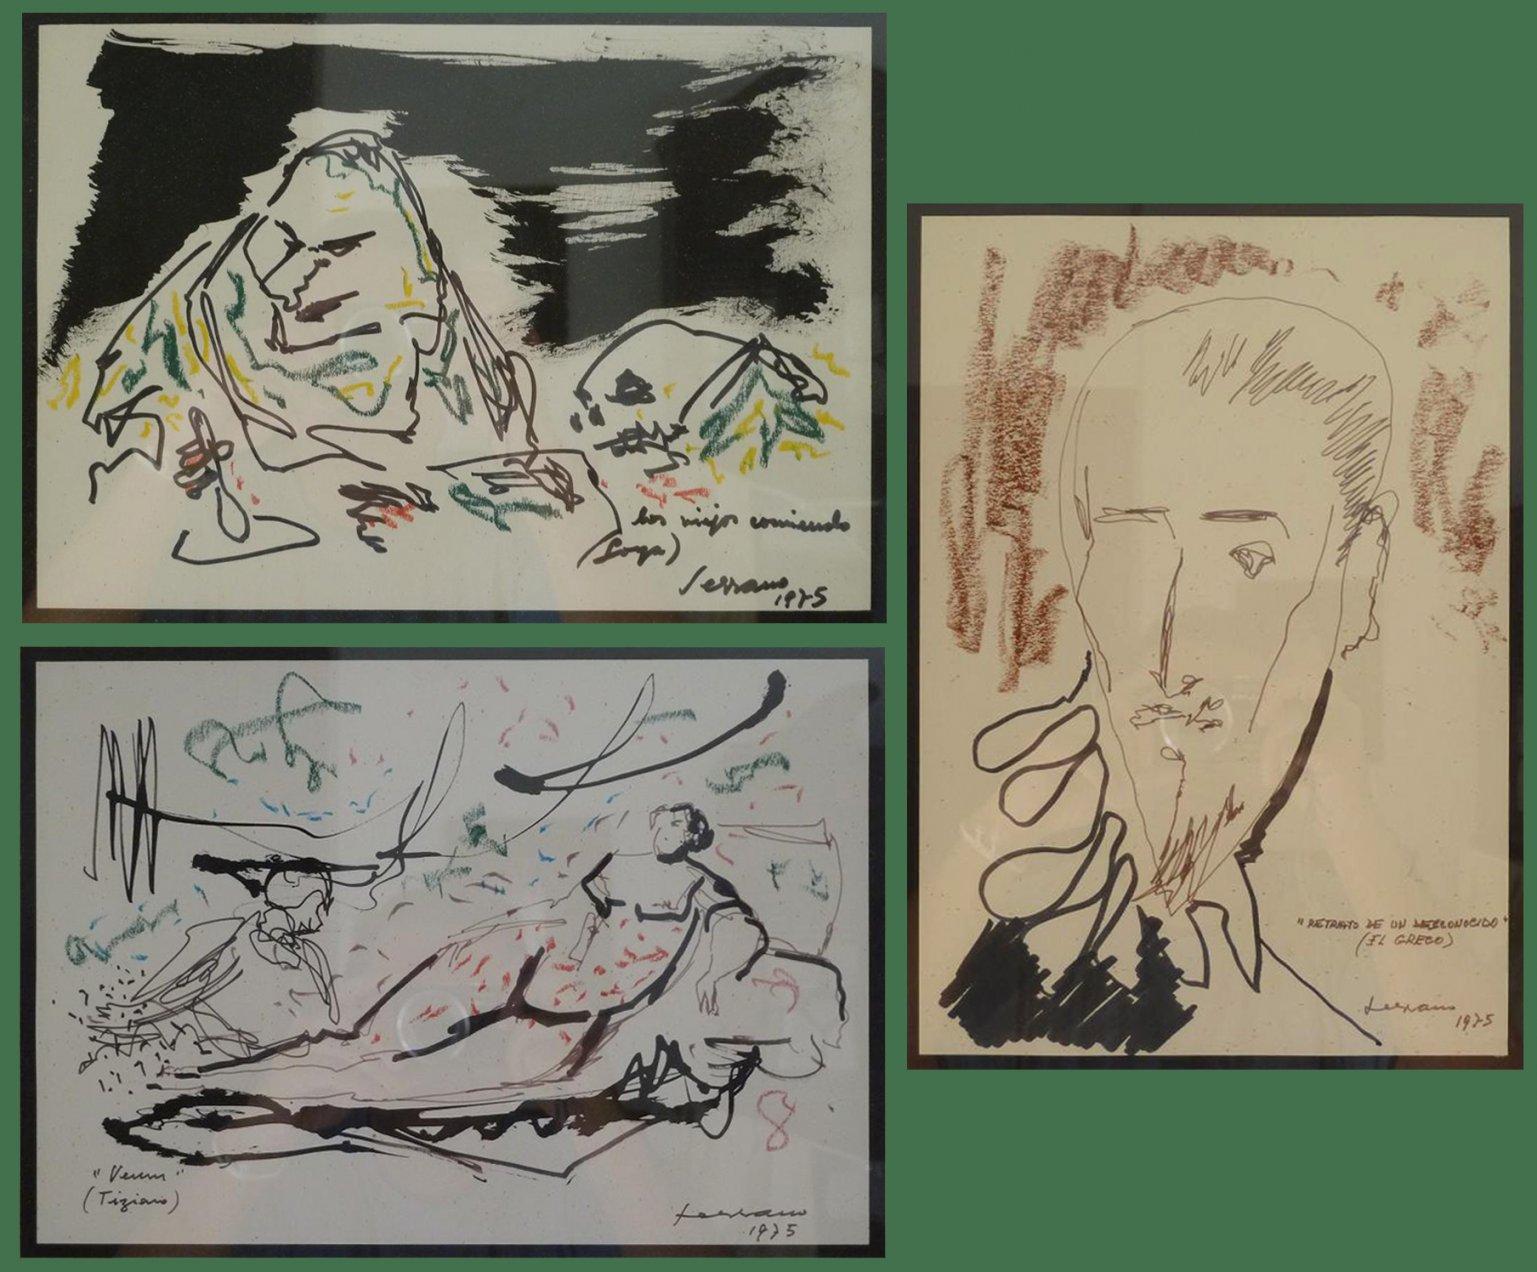 Dibujos (Goya, Greco, Tiziano) (1975) - Pablo Serrano